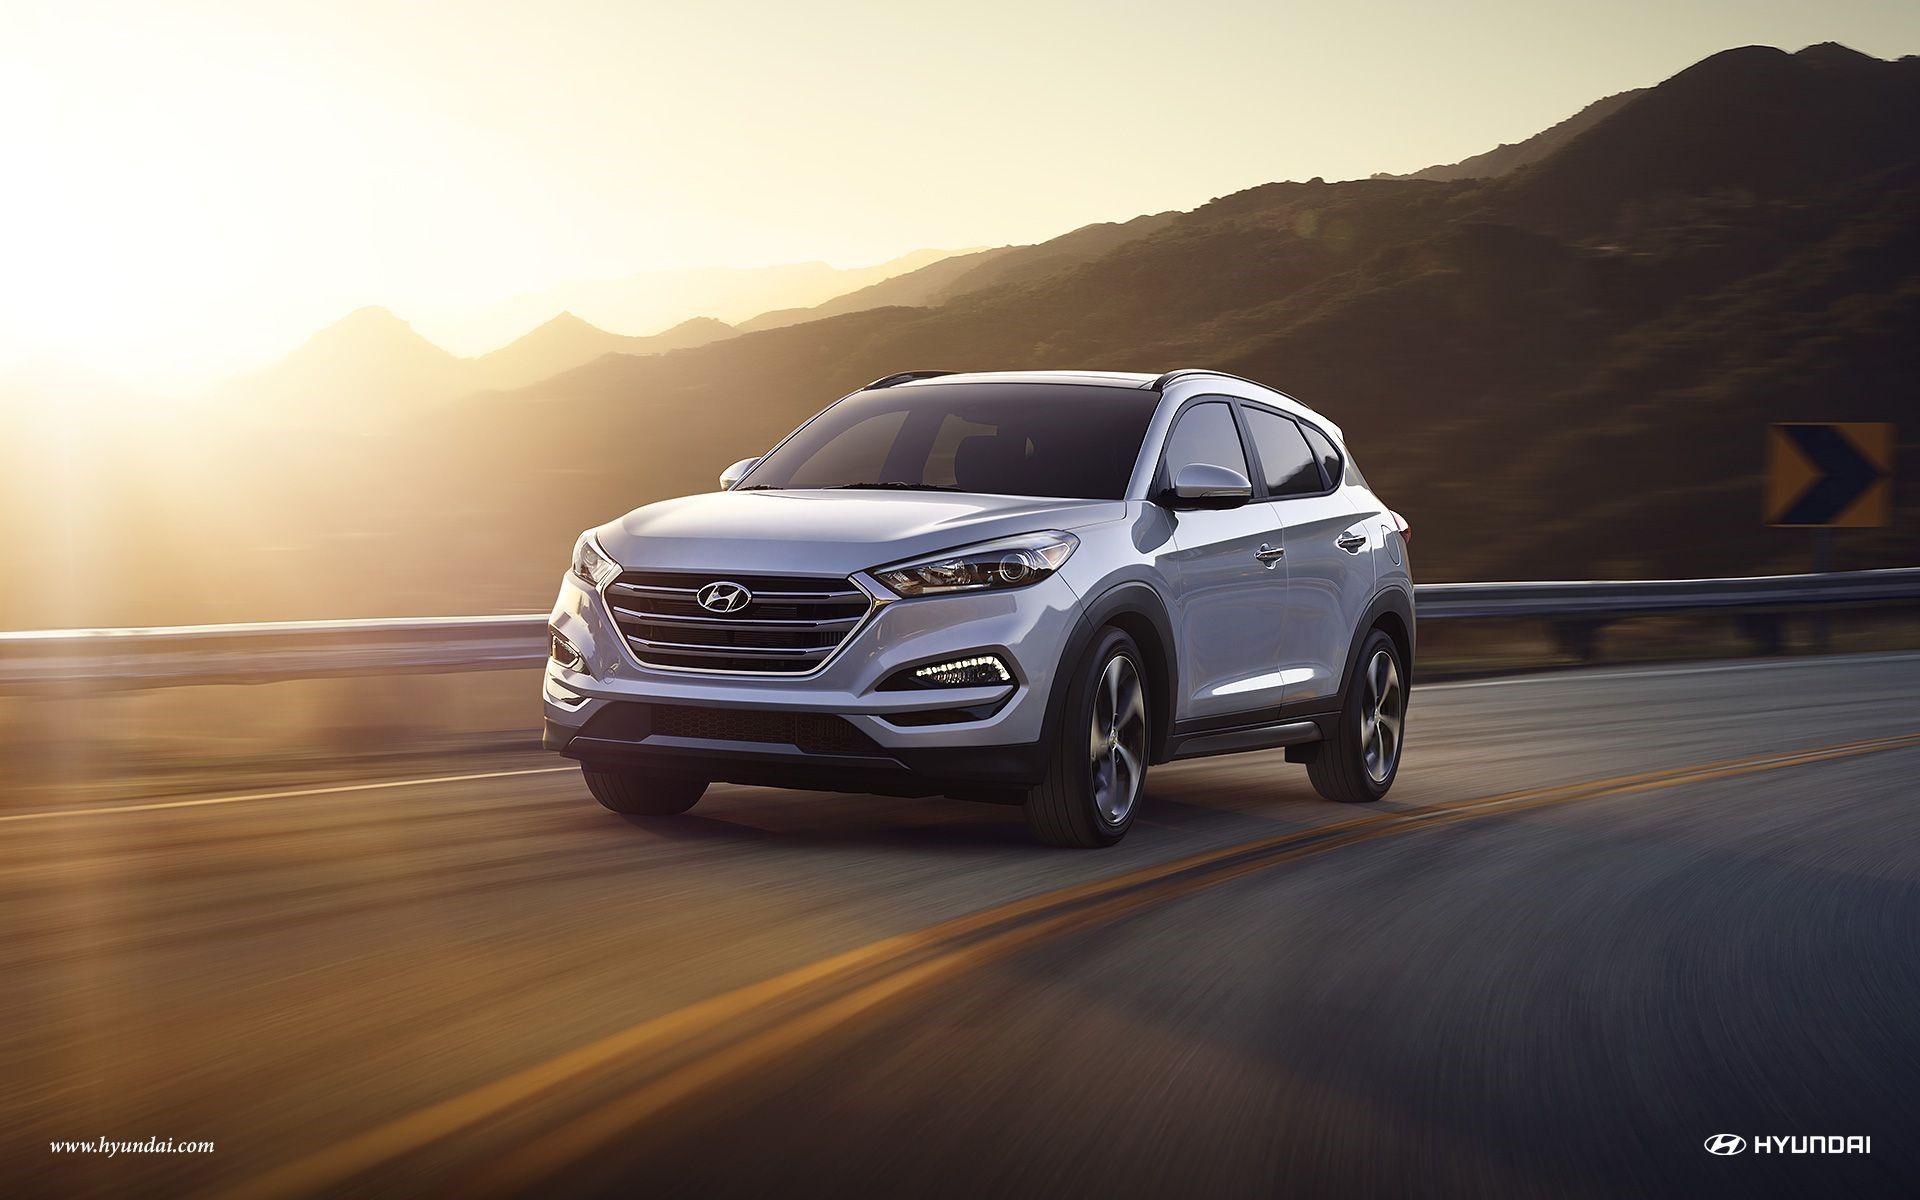 Hyundai Dealerships near Albuquerque, NM Sell Much-Awaited 2017 Tucson